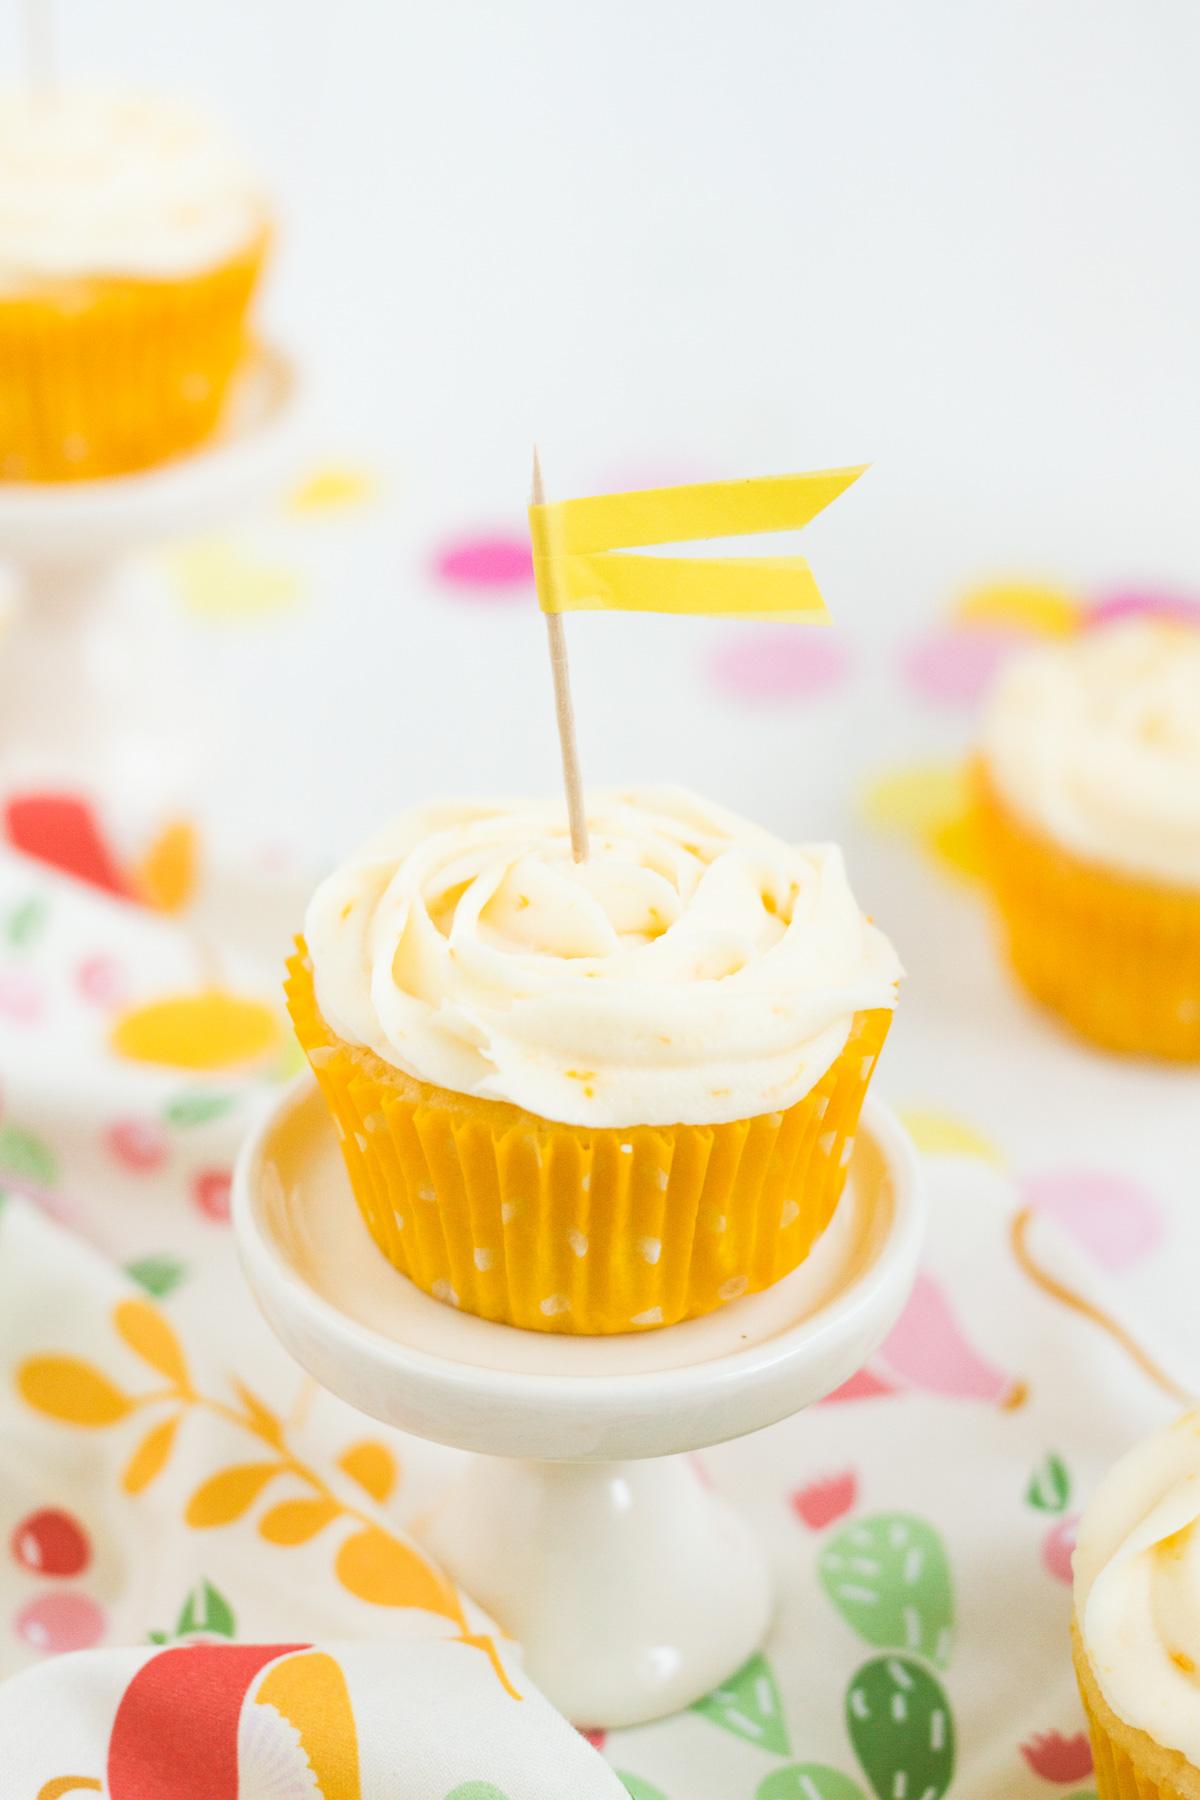 Meyer Lemon Cupcakes with Meyer Lemon Buttercream